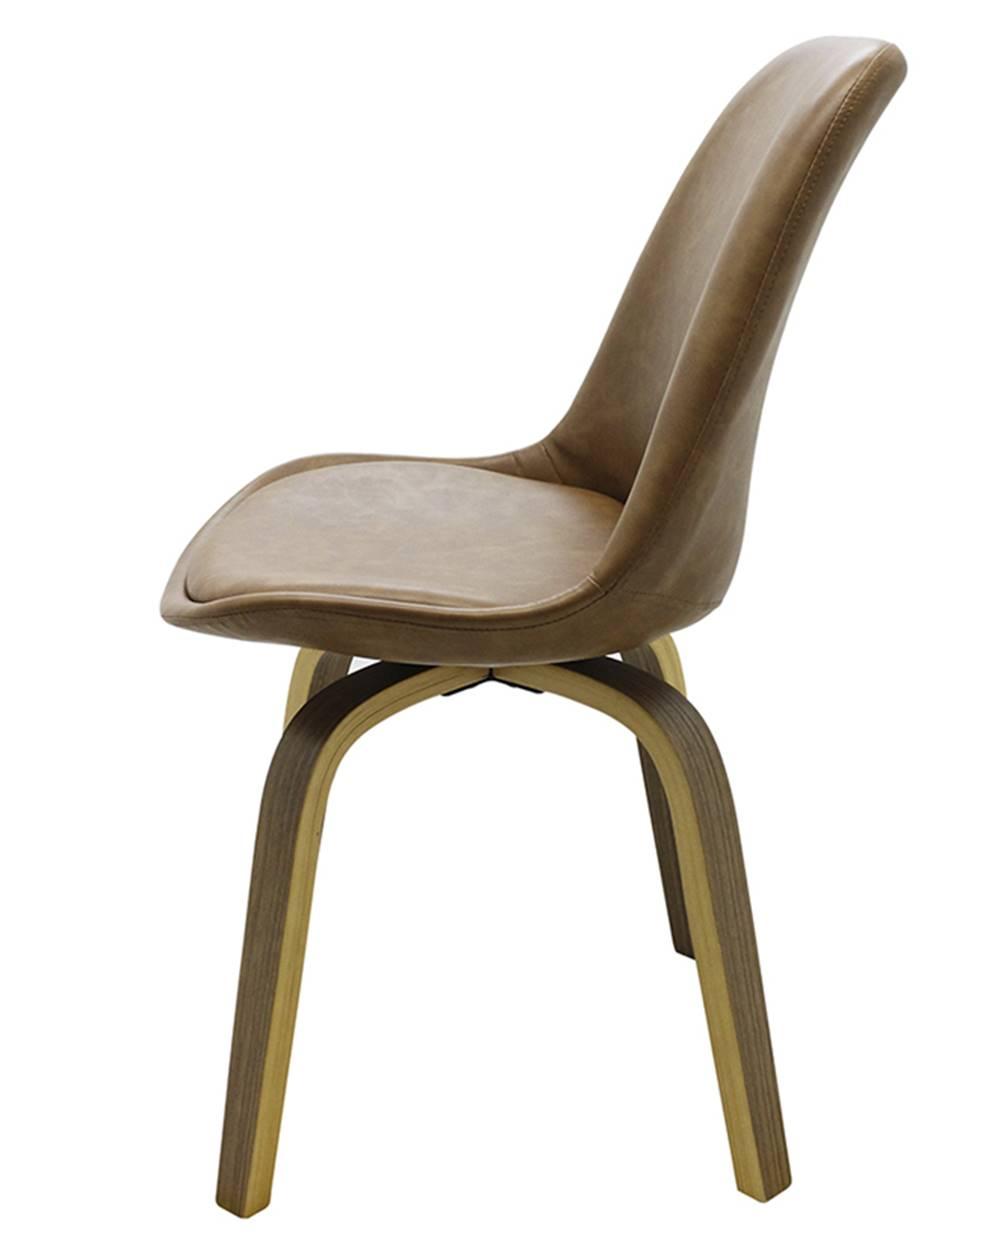 Cadeira Lis Eames Revestida PU Marrom Base Madeira Mescla - 51147